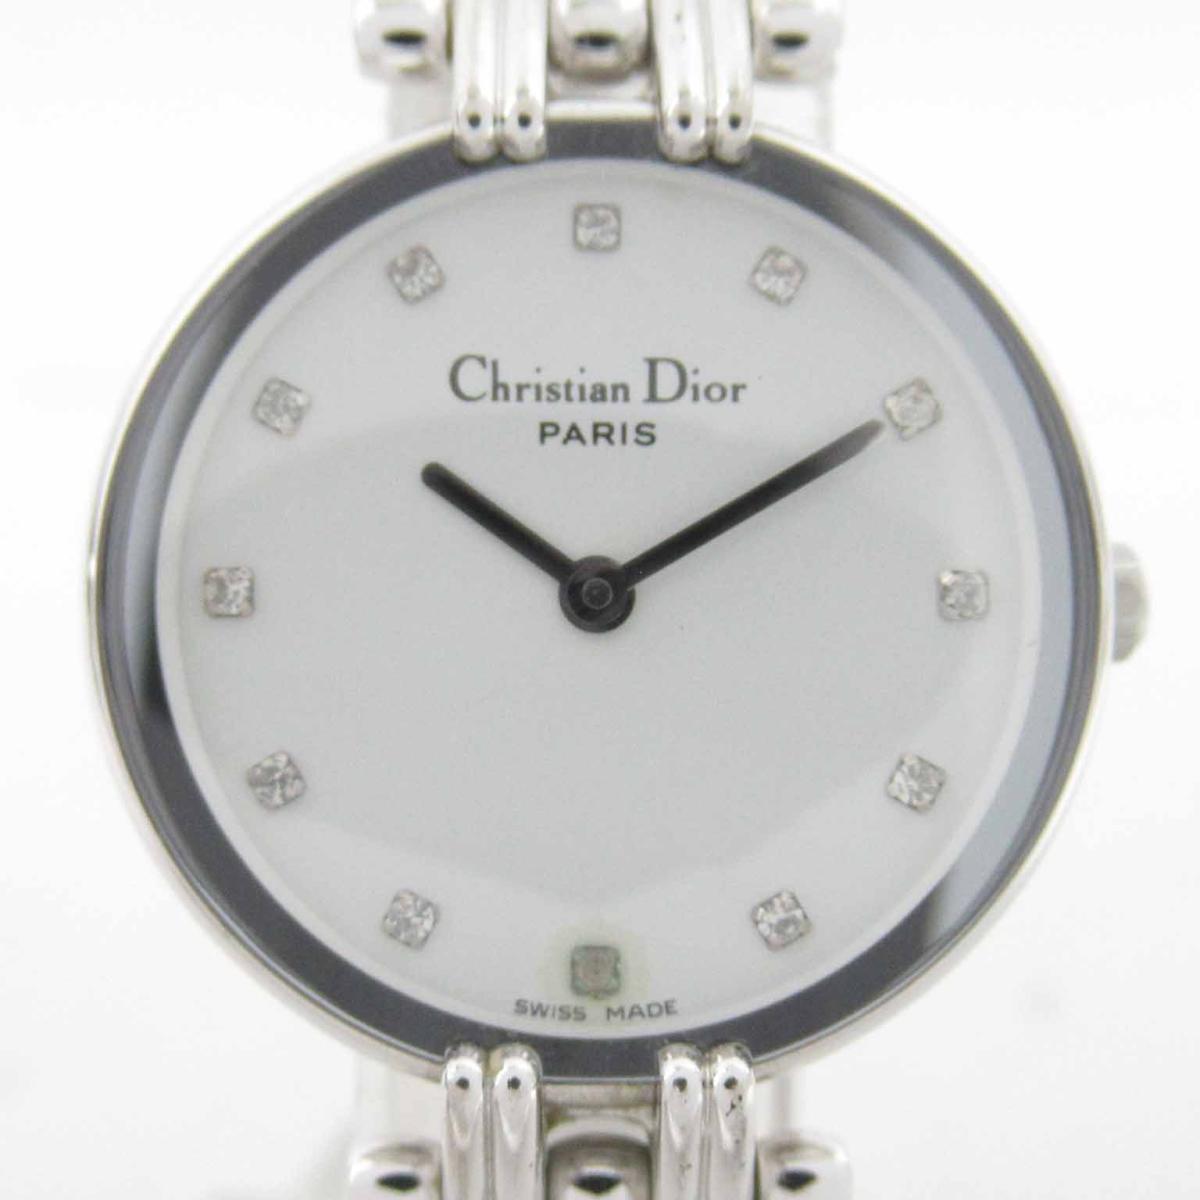 ≪期間限定≫メルマガ登録でクーポンGET! 【中古】 クリスチャン・ディオール バギラ ウォッチ 腕時計 レディース ステンレススチール (SS) (D44-120)   Dior BRANDOFF ブランドオフ ブランド ブランド時計 ブランド腕時計 時計